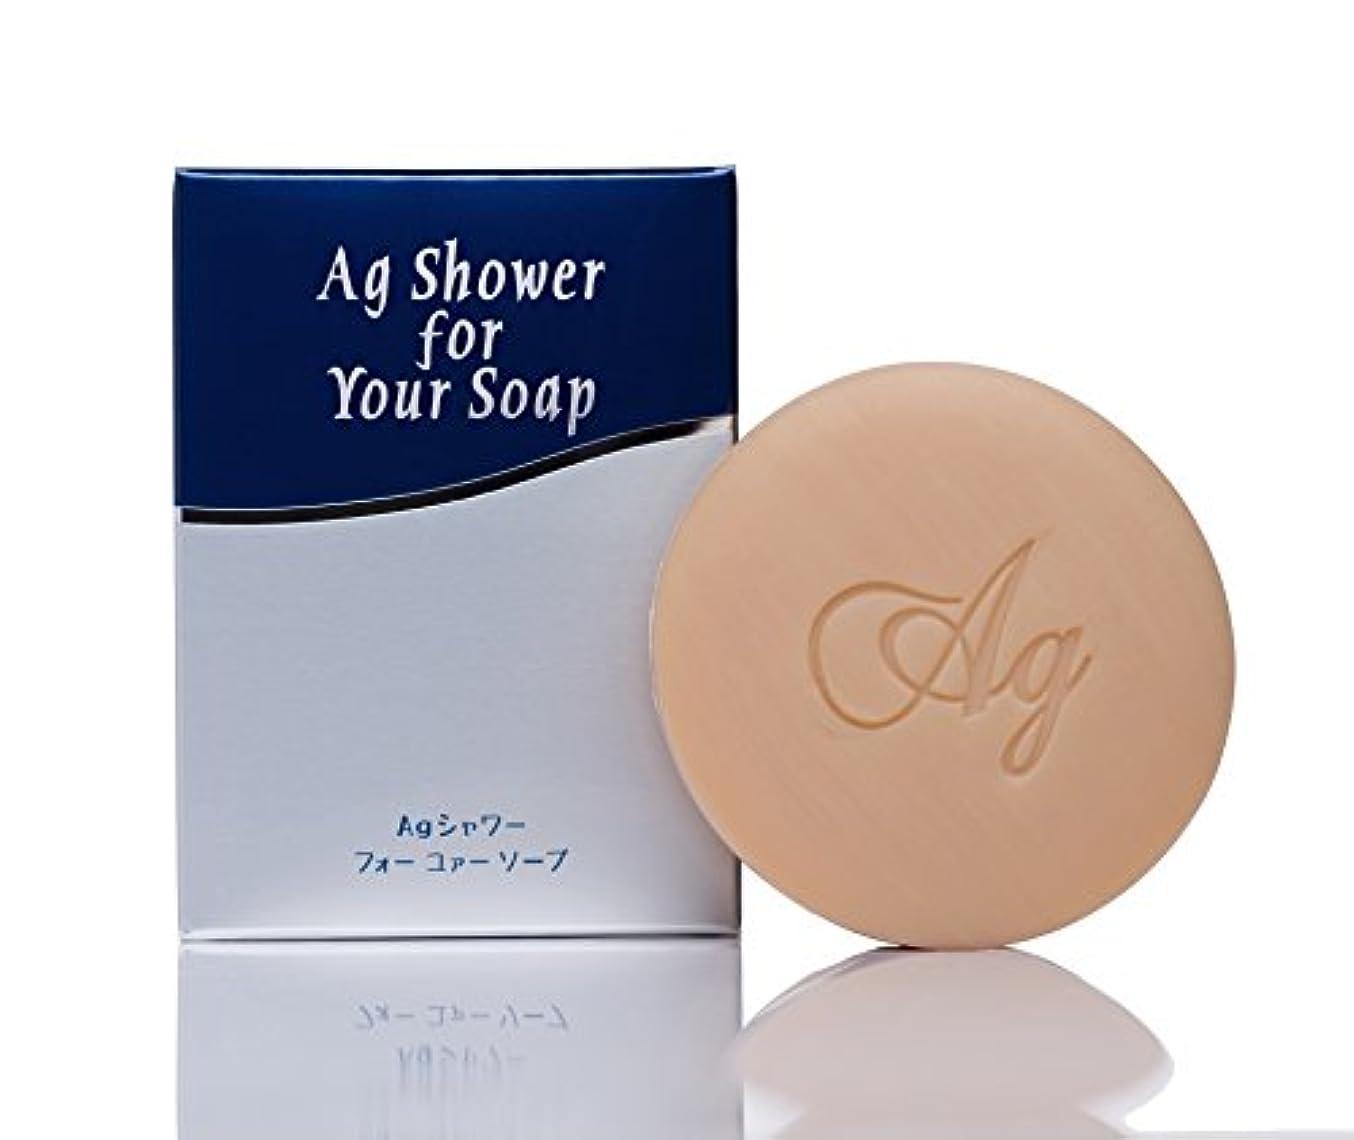 バーチャル結果急ぐスキンケアー石鹸 Agシャワーフォーユァーソープ 消臭・抗菌 100g